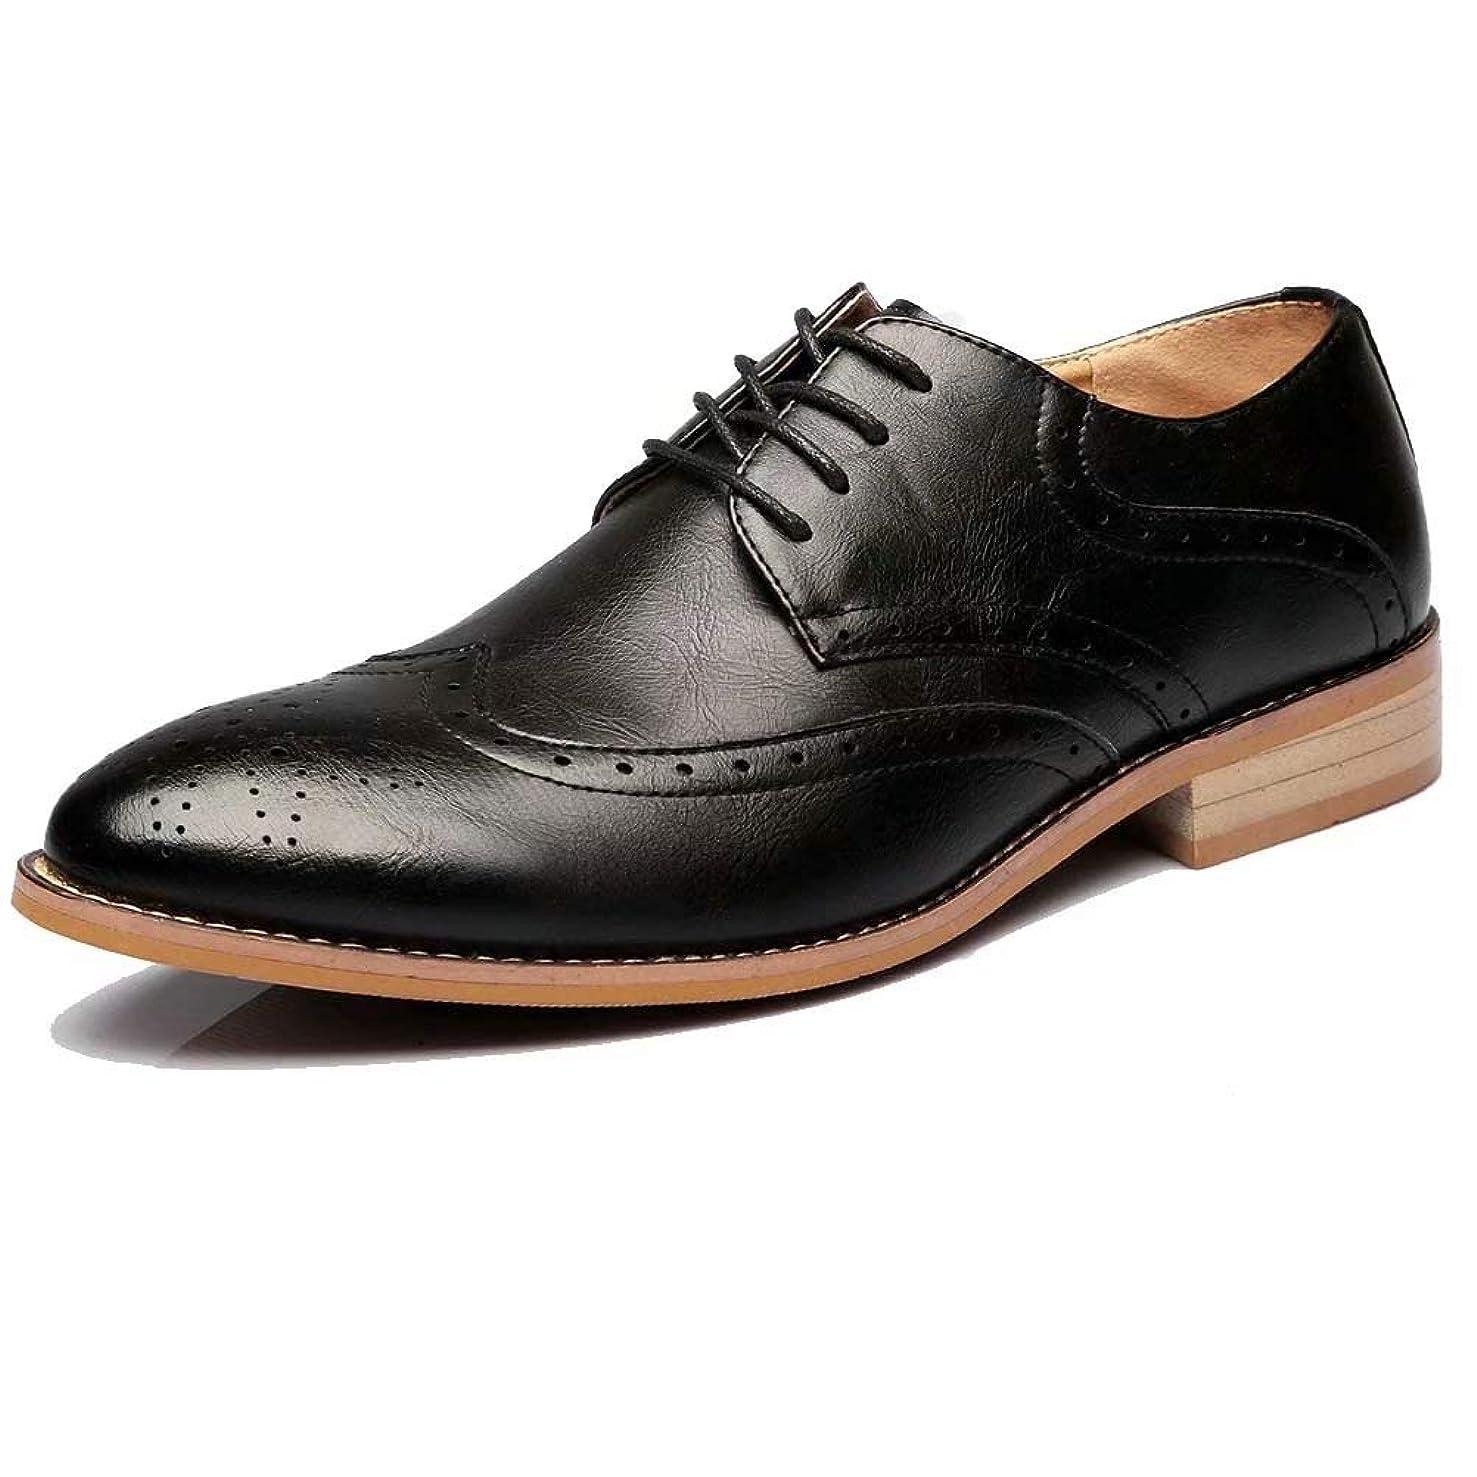 隠アイザック飼いならす通気性最高 メンズ ビジネスシューズ 本革 紳士靴 フォーマル シークレット ウォーキング ウイングチップ カジュアル 冠婚葬祭 ファッション 3色